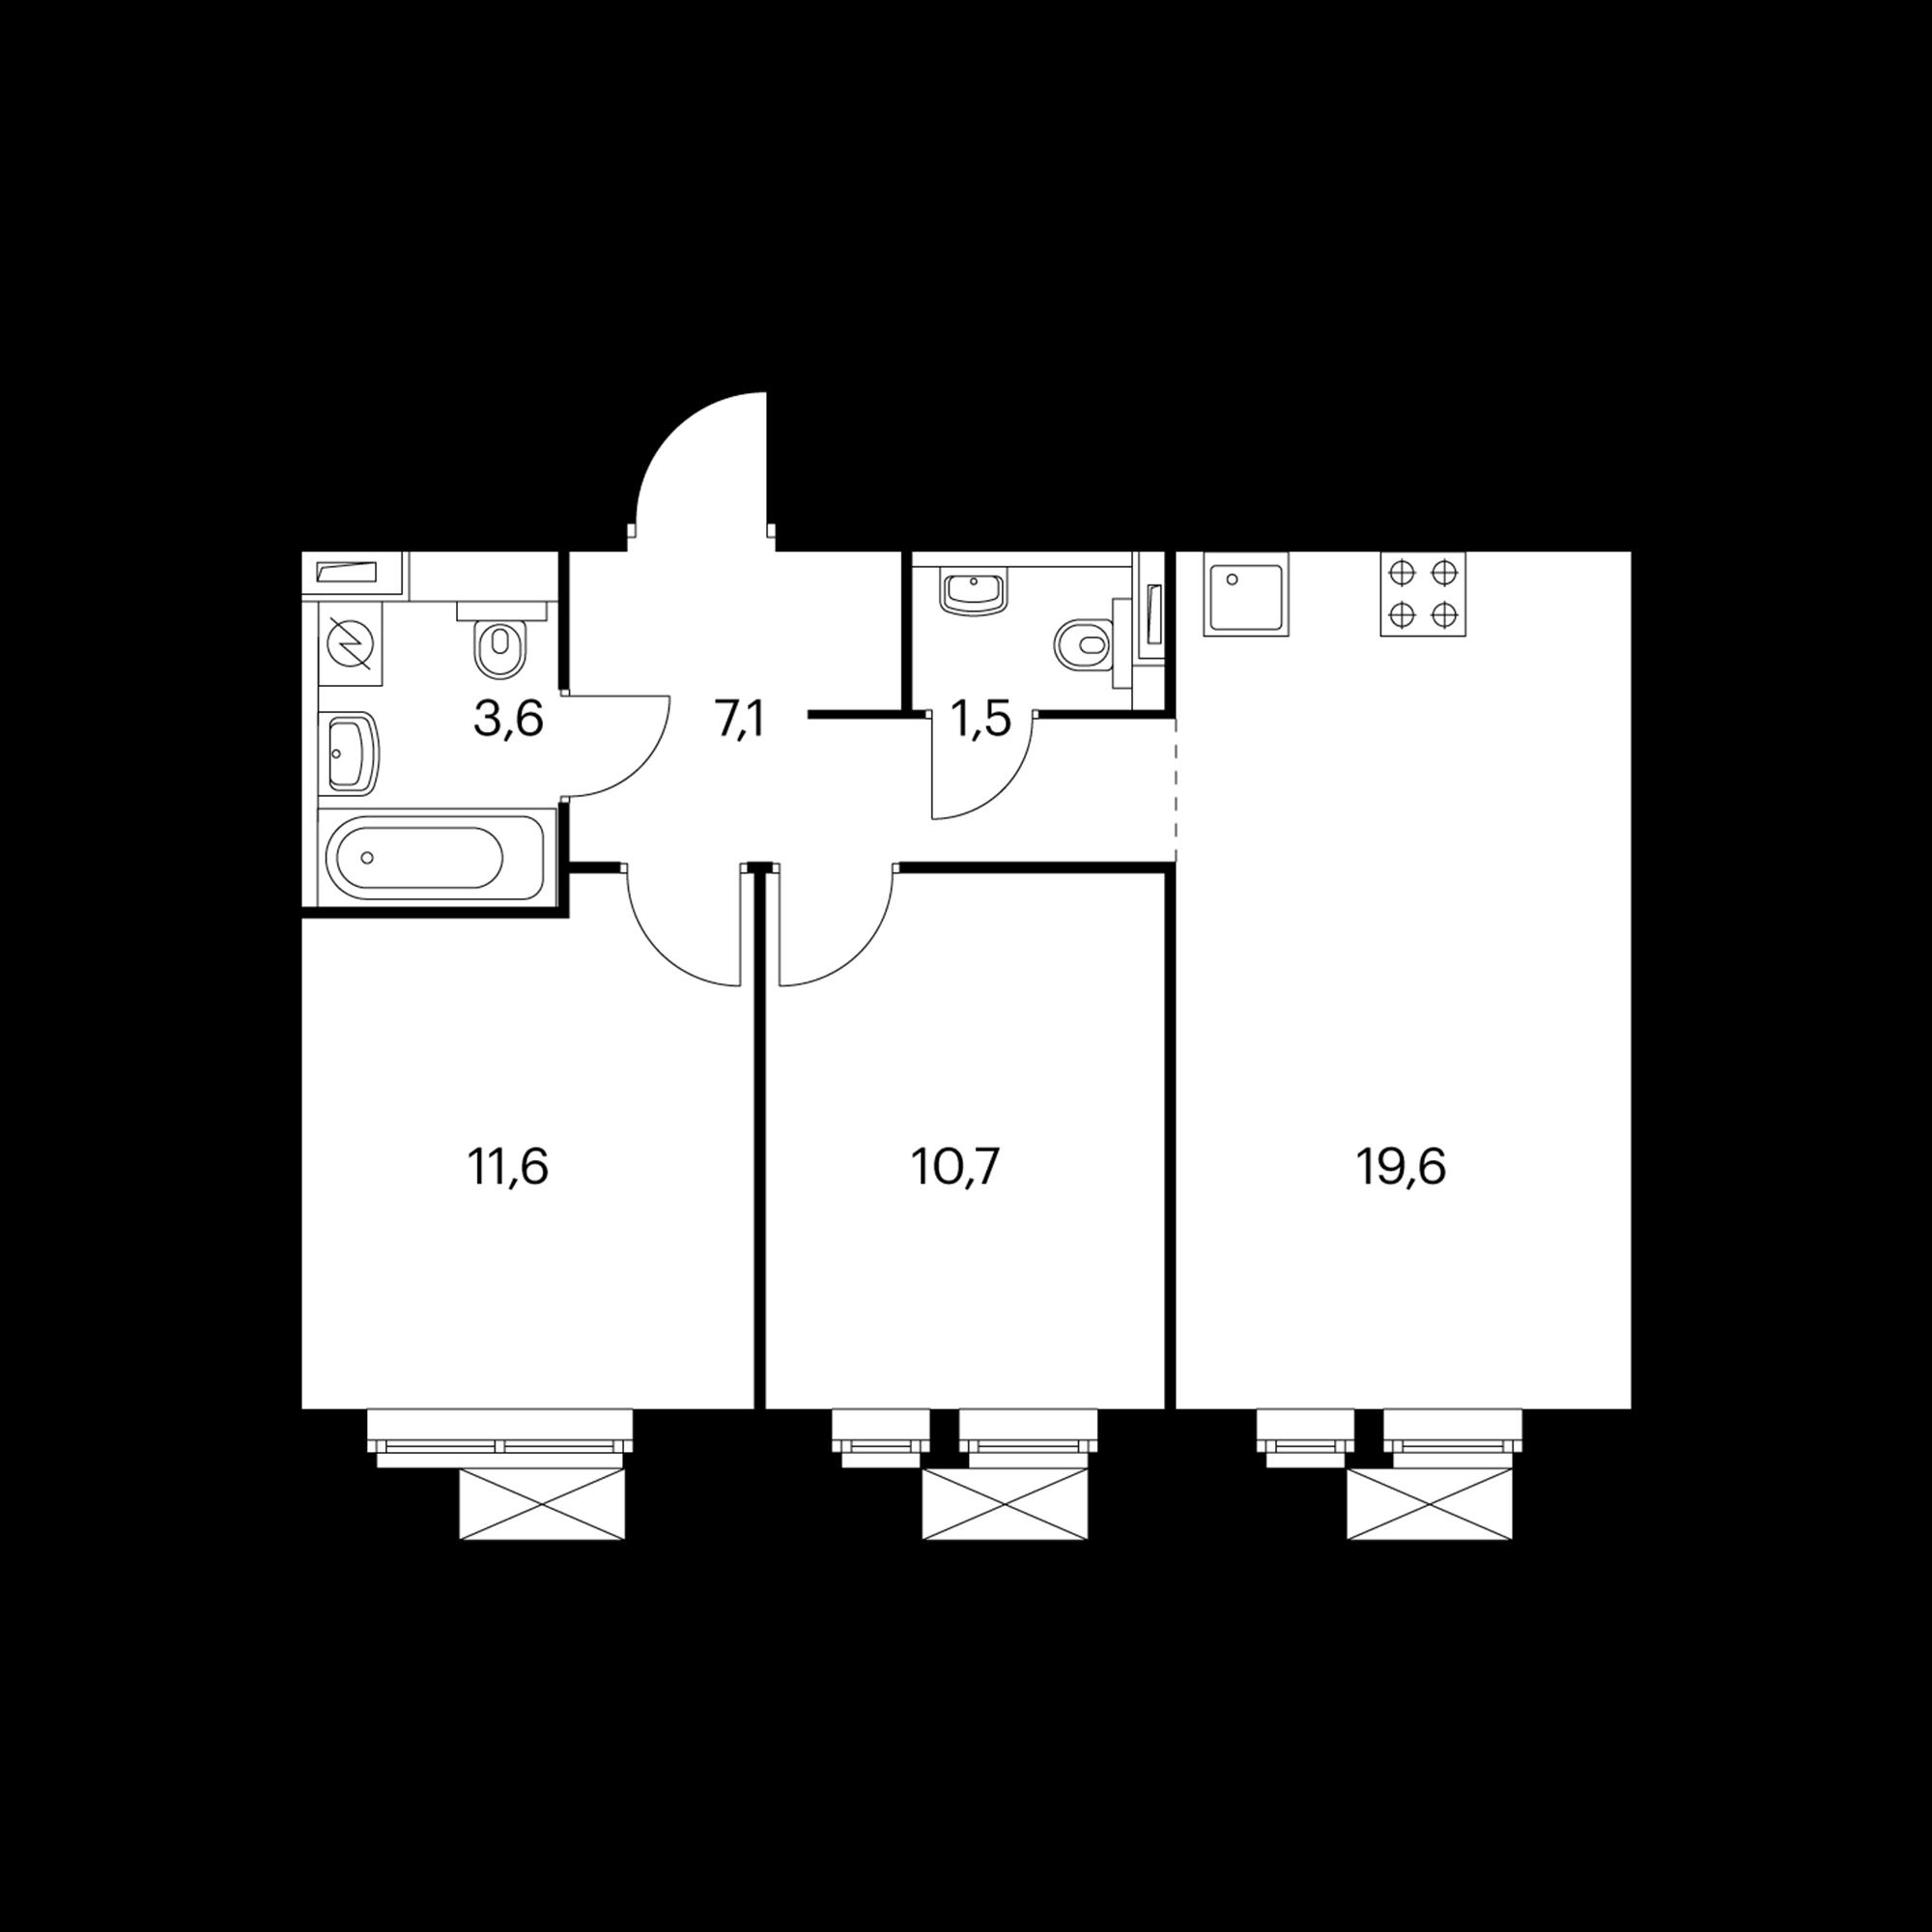 2EM8_9.6-1_S_A3